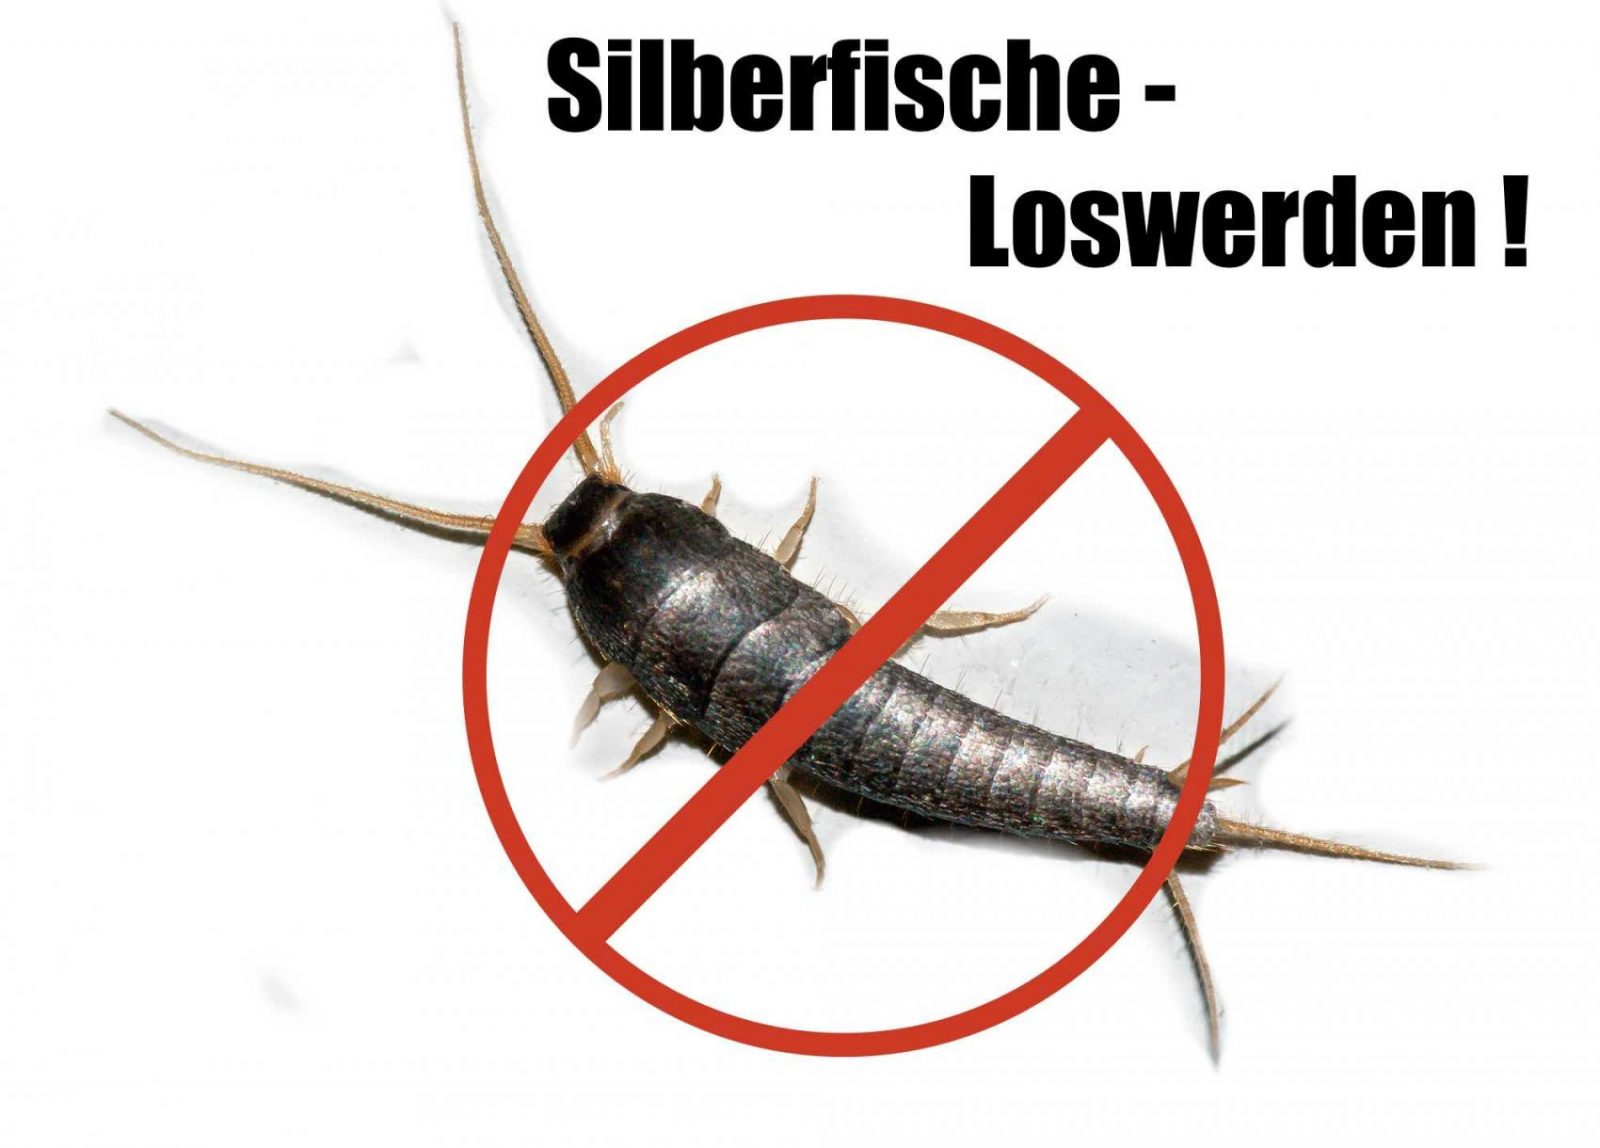 Beaufiful Silberfische Schlafzimmer Photos >> Silberfische Loswerden ...